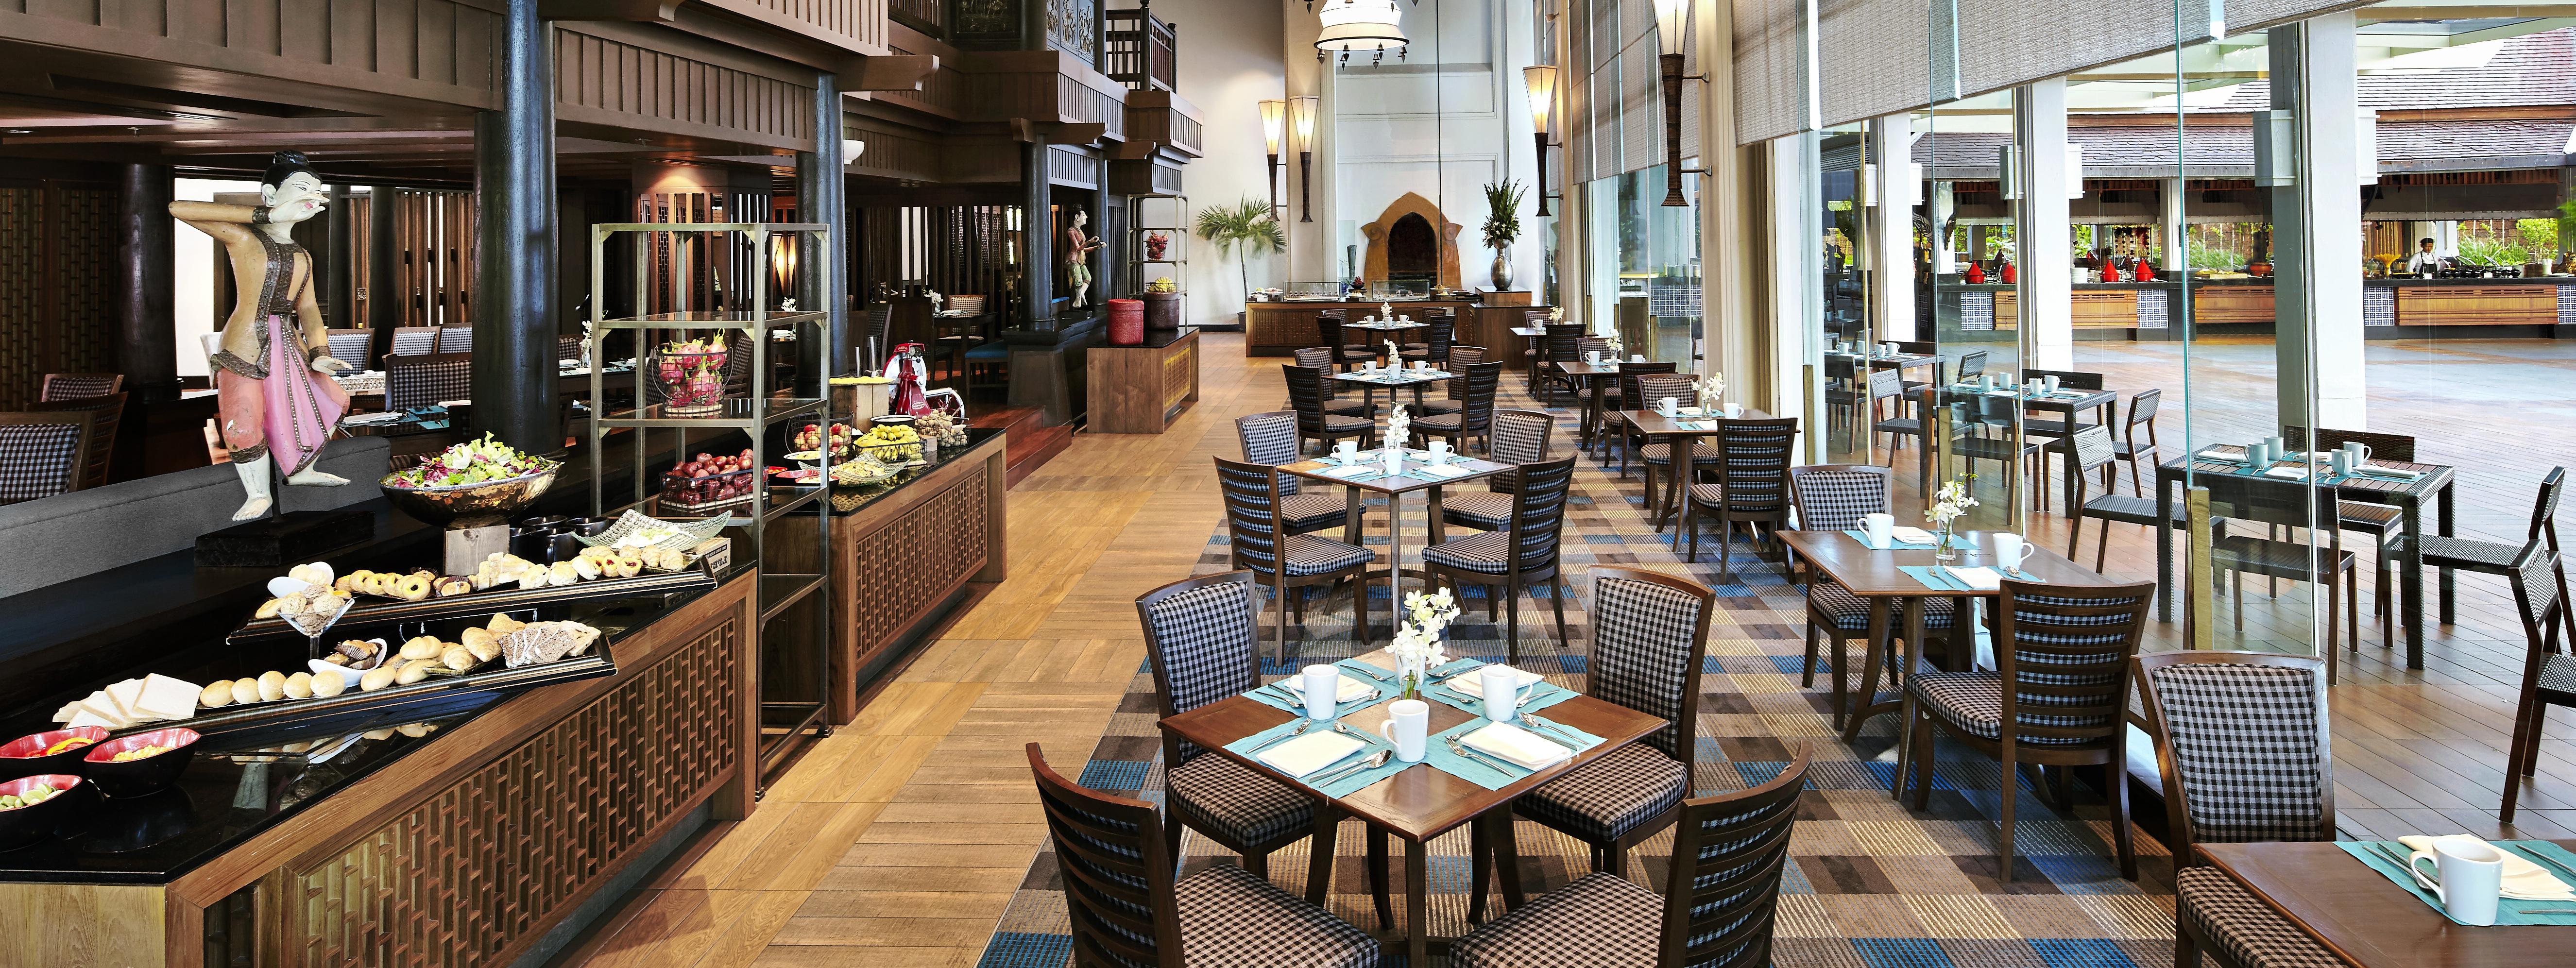 Market_Restaurant_Anantara_Bangkok-001